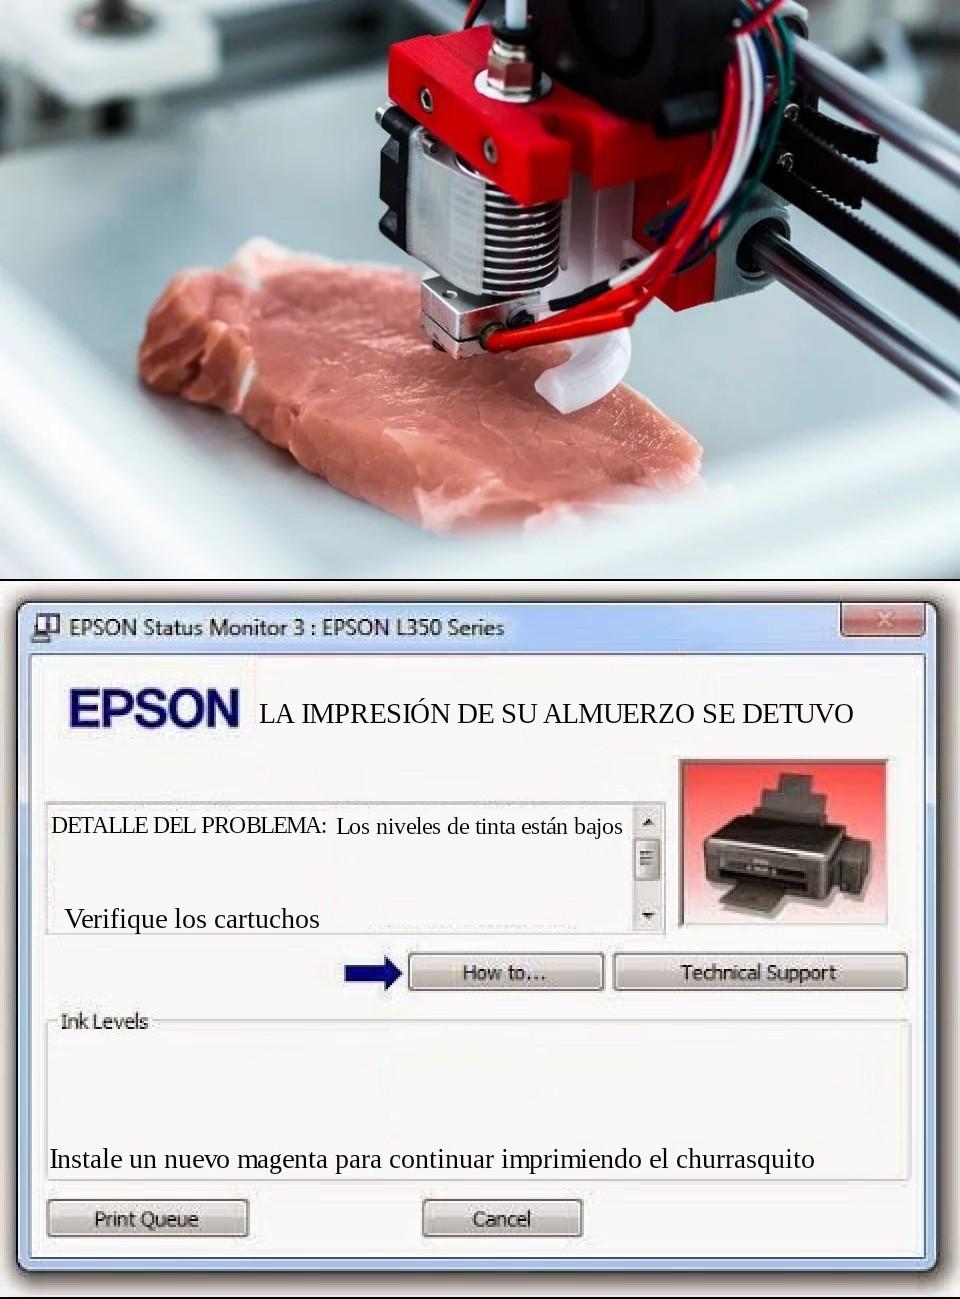 La carne artificial impresa es el futuro - meme